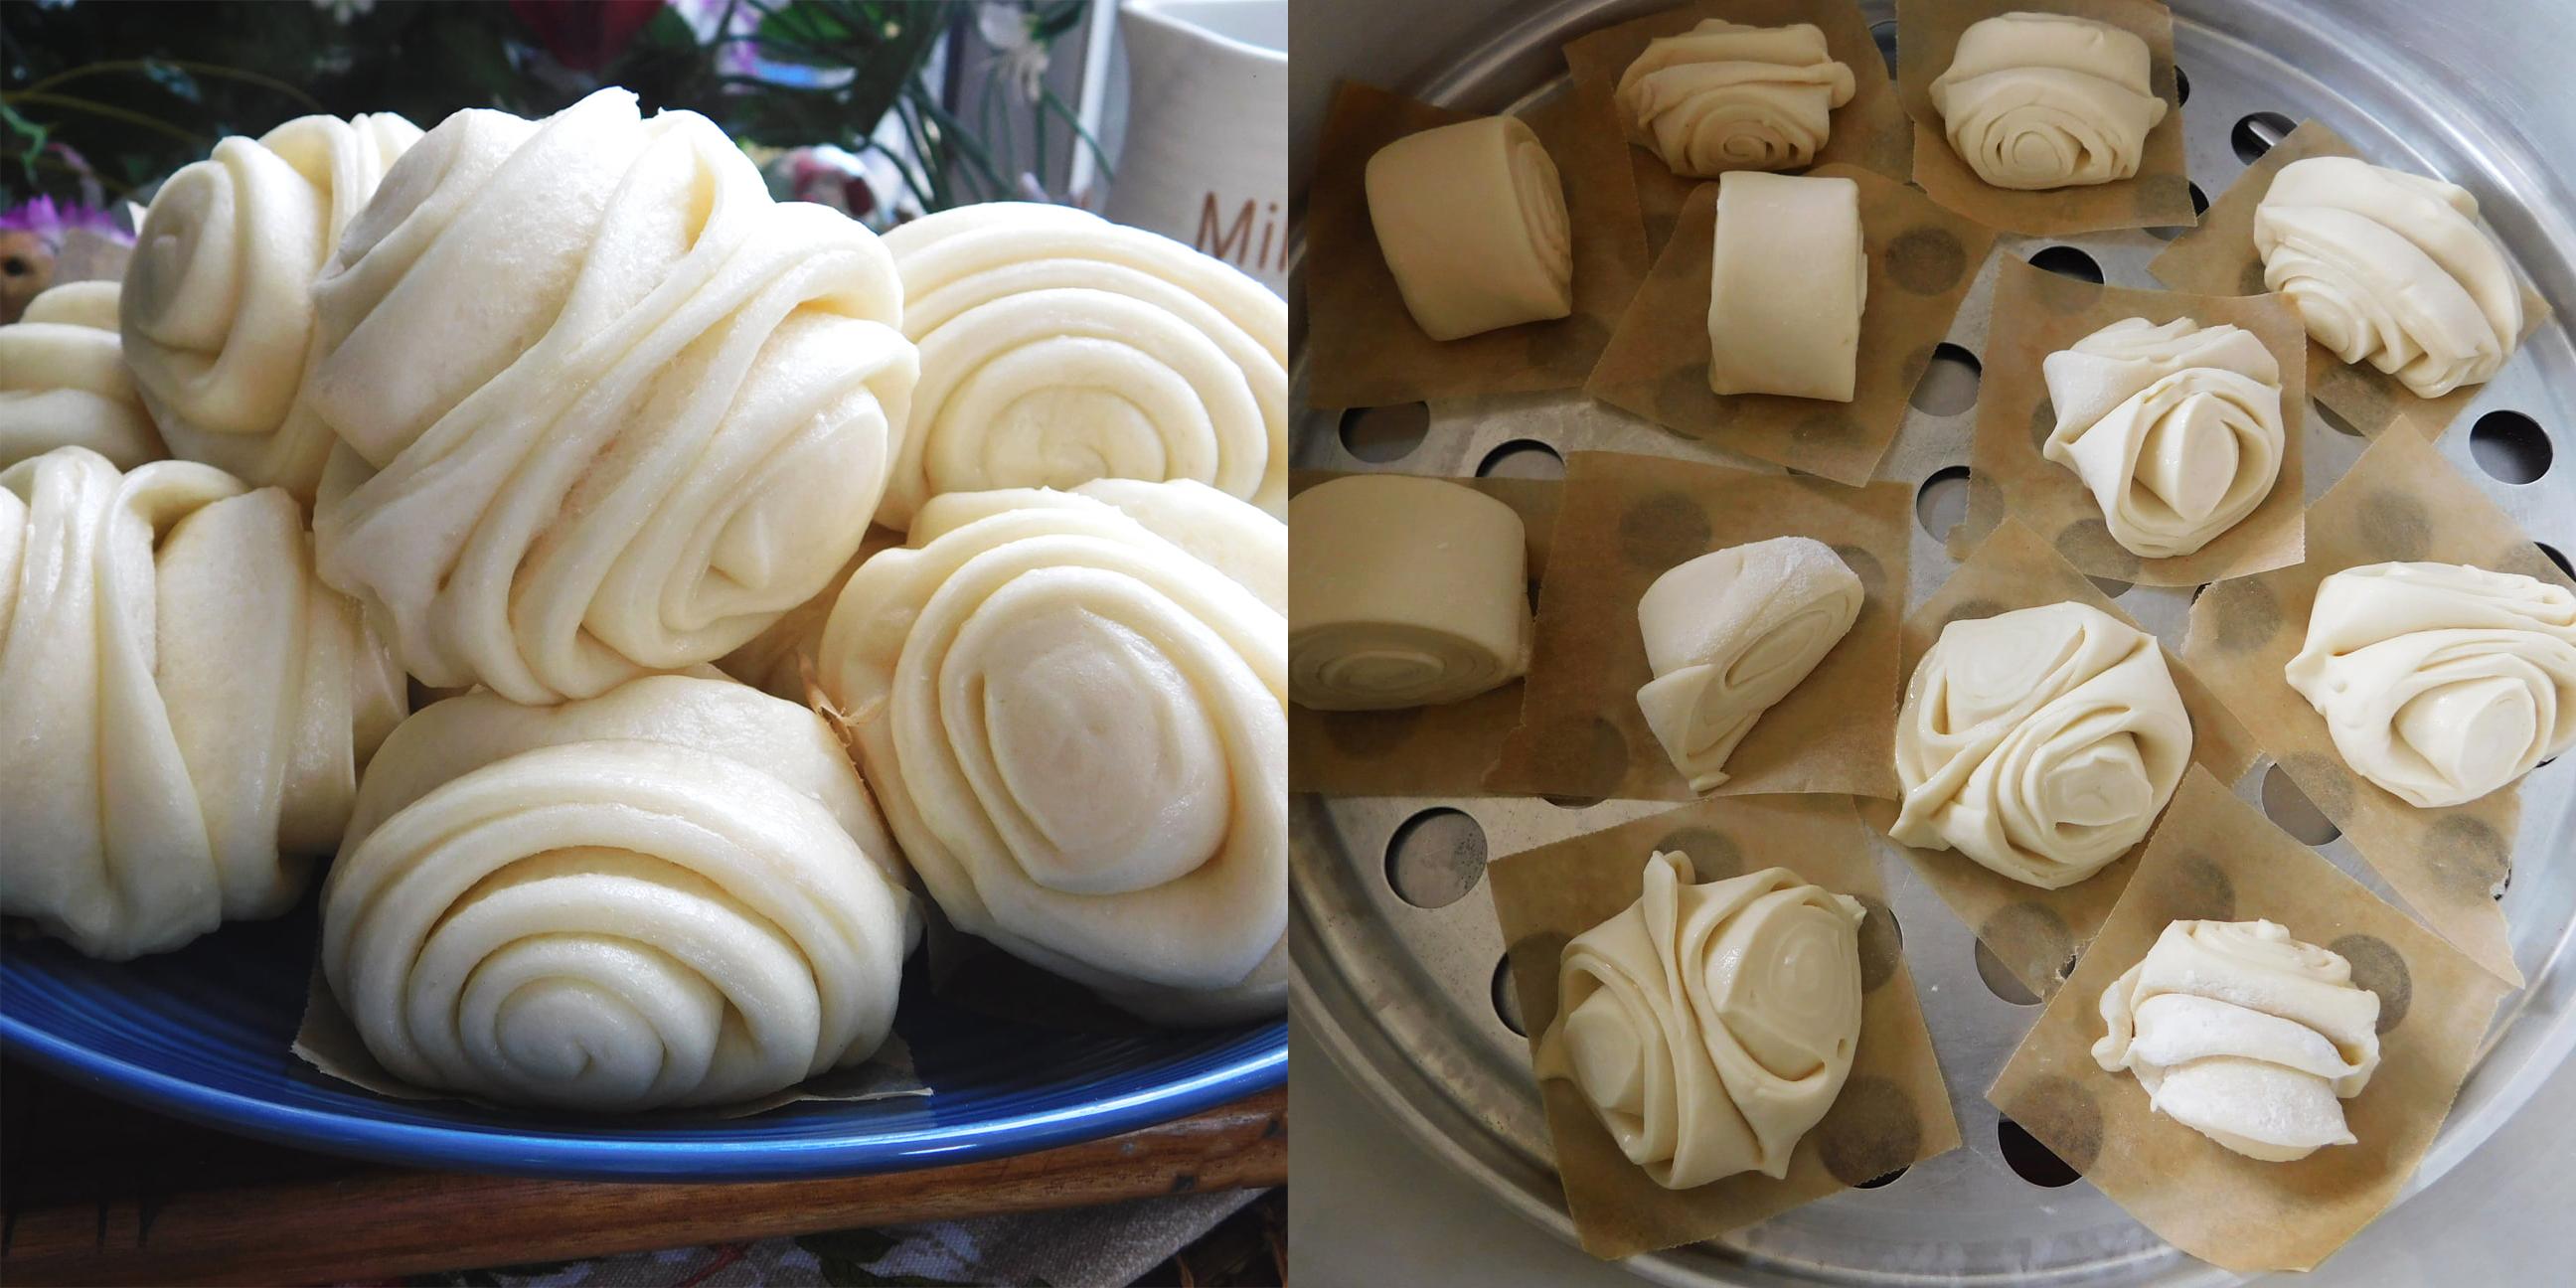 Công thức làm bánh bao chay trắng mịn và xốp mềm thơm